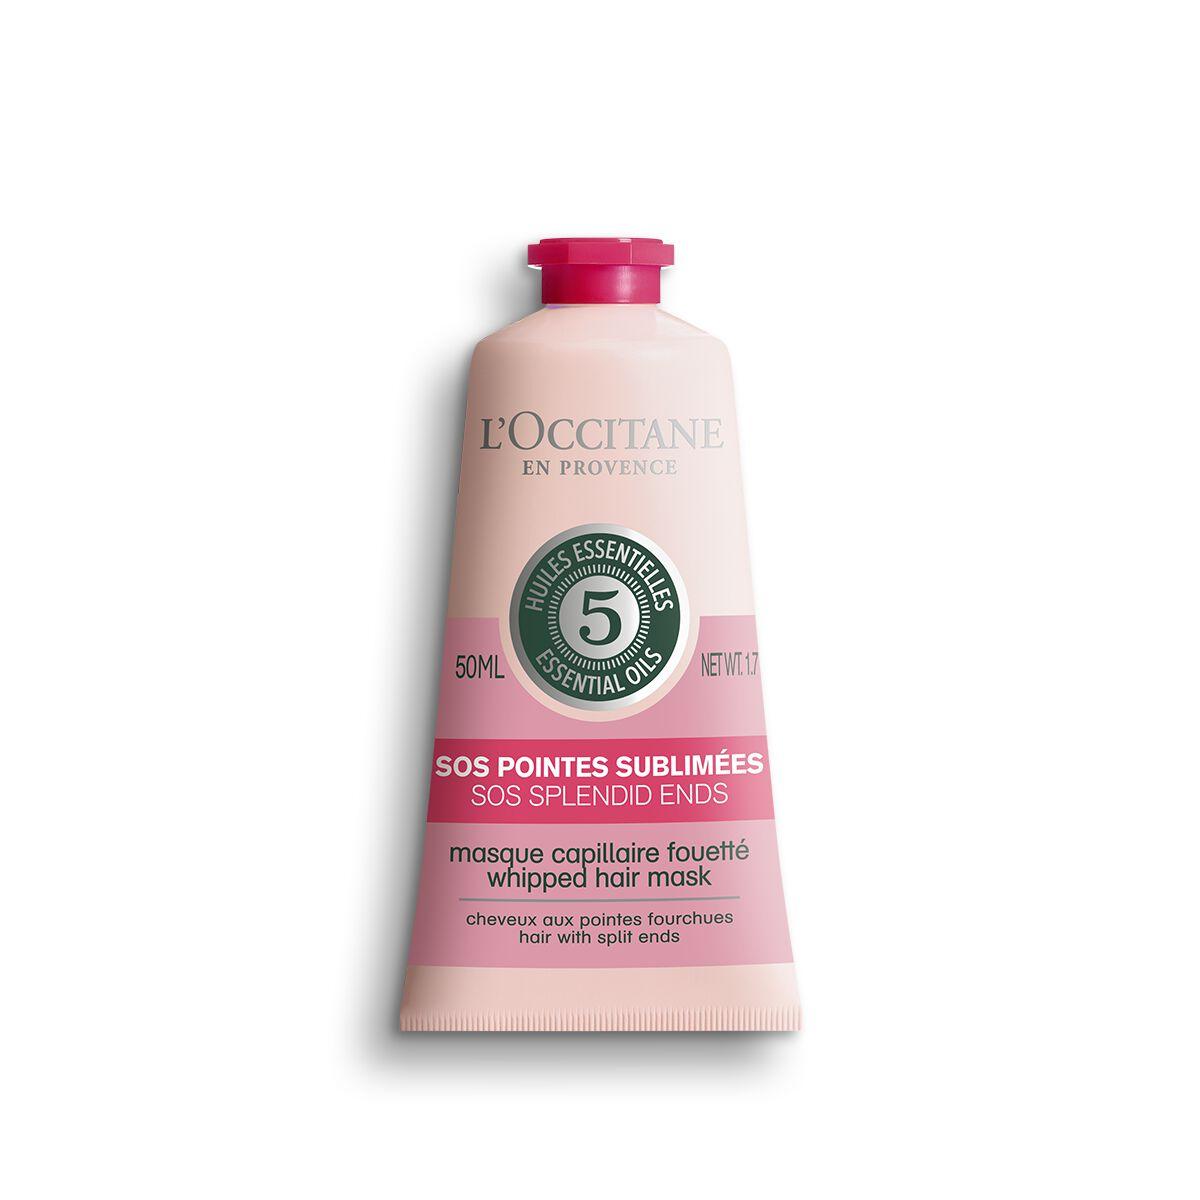 Whipped Hair Mask - SOS Splendid Ends 50 ml. - L'OCCITANE